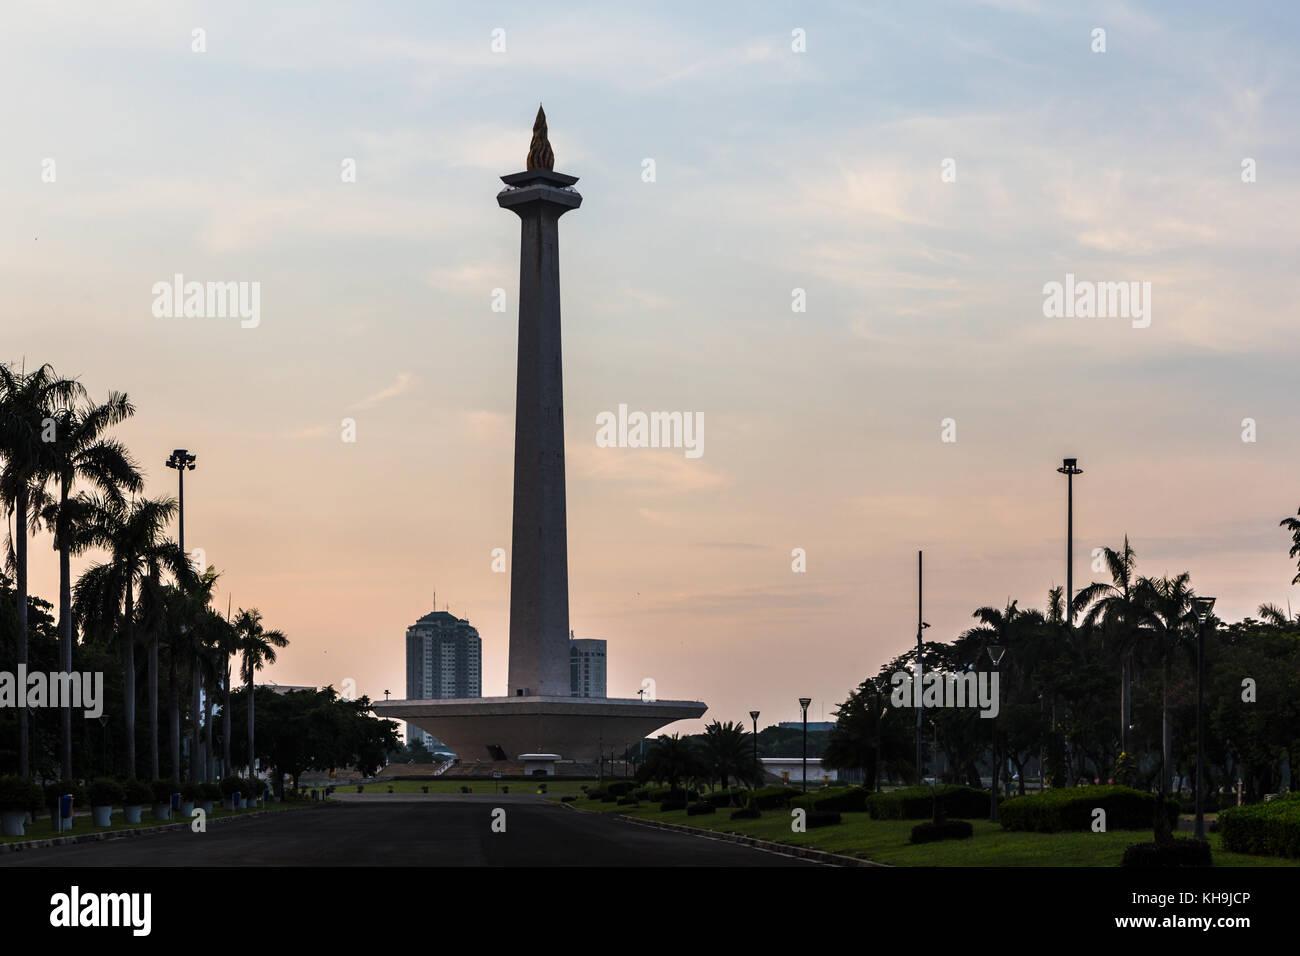 Sonnenuntergang über dem National Monument, monas, in Merdeka Square im Herzen von Jakarta, Indonesien Hauptstadt. Stockfoto